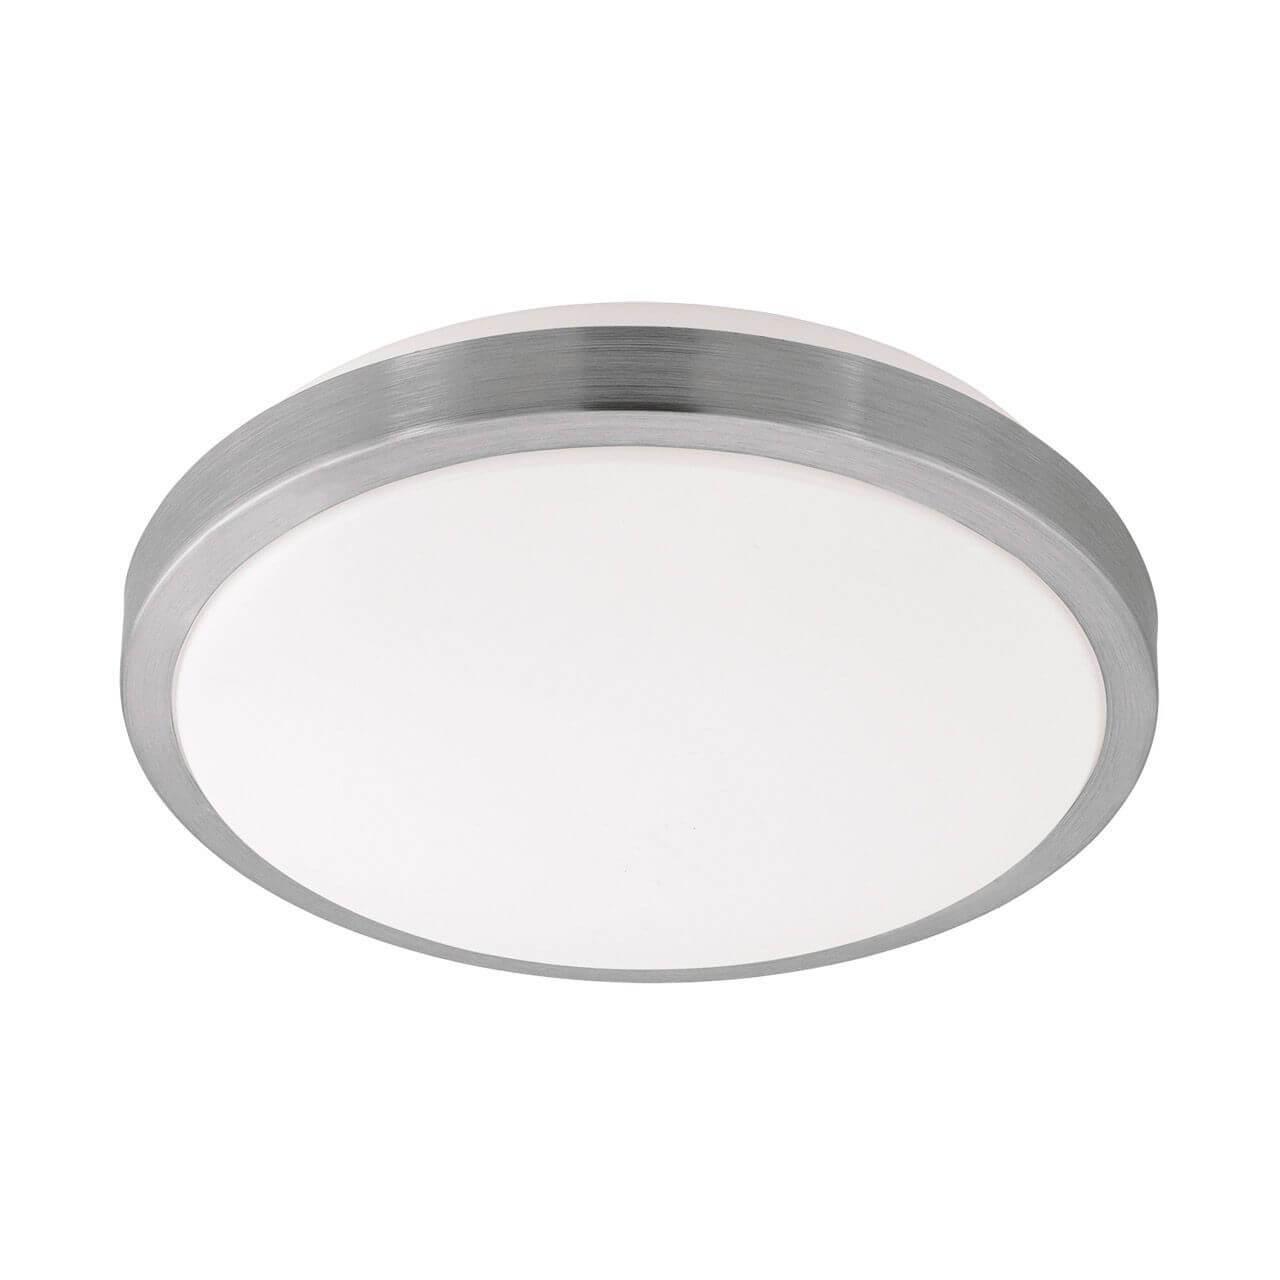 Потолочный светильник Eglo 96033, белый eglo 95175